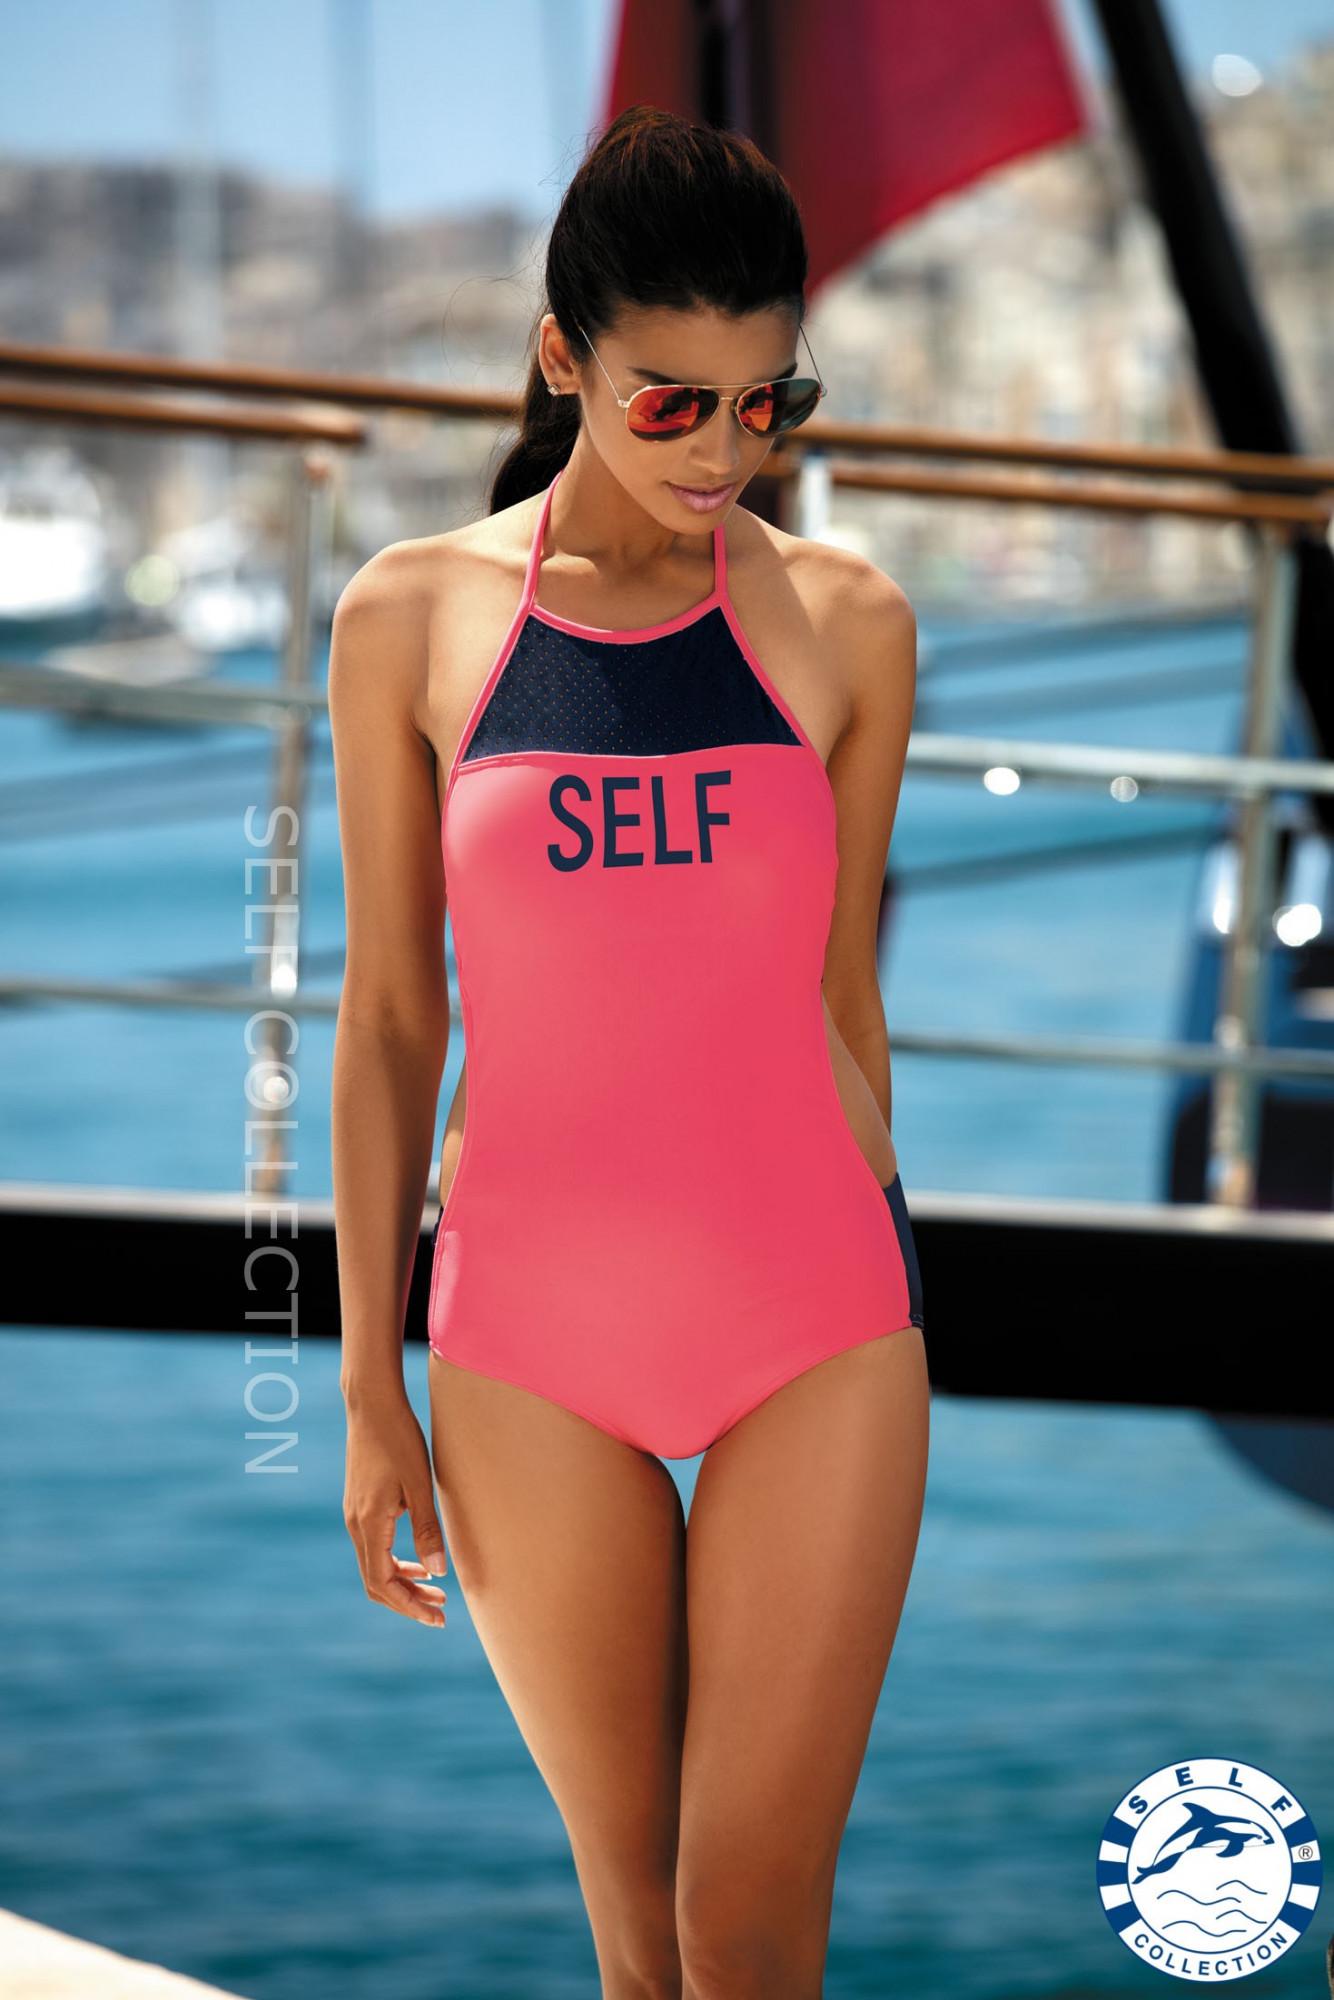 Dámské jednodílné plavky S45 - Self Barva: granátová, Velikost: 38/M